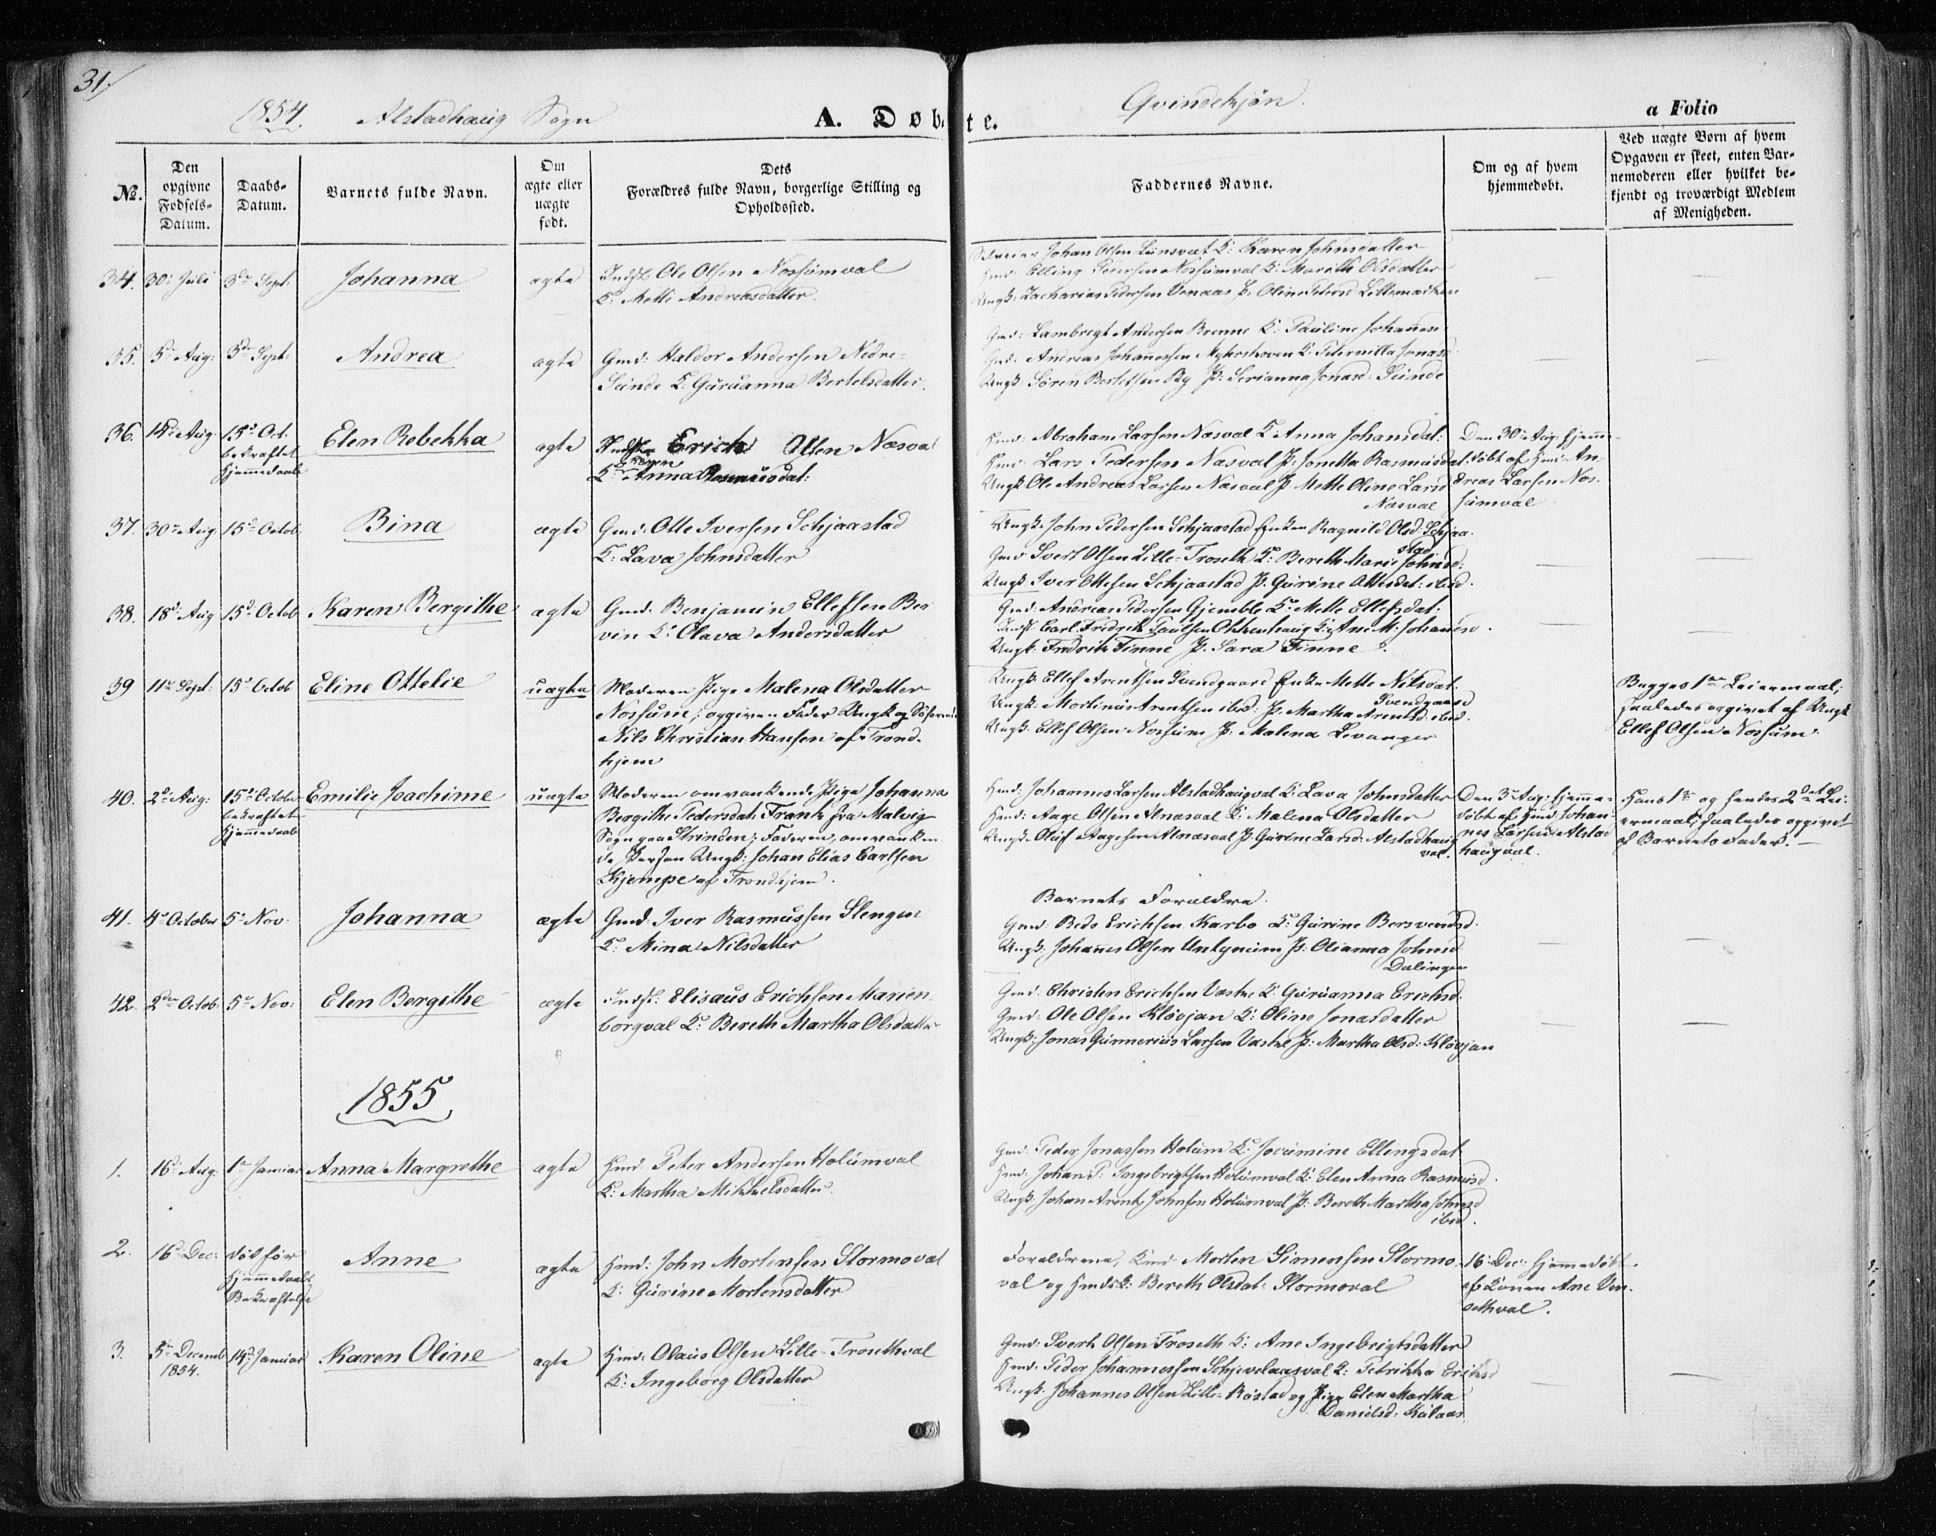 SAT, Ministerialprotokoller, klokkerbøker og fødselsregistre - Nord-Trøndelag, 717/L0154: Ministerialbok nr. 717A07 /1, 1850-1862, s. 31